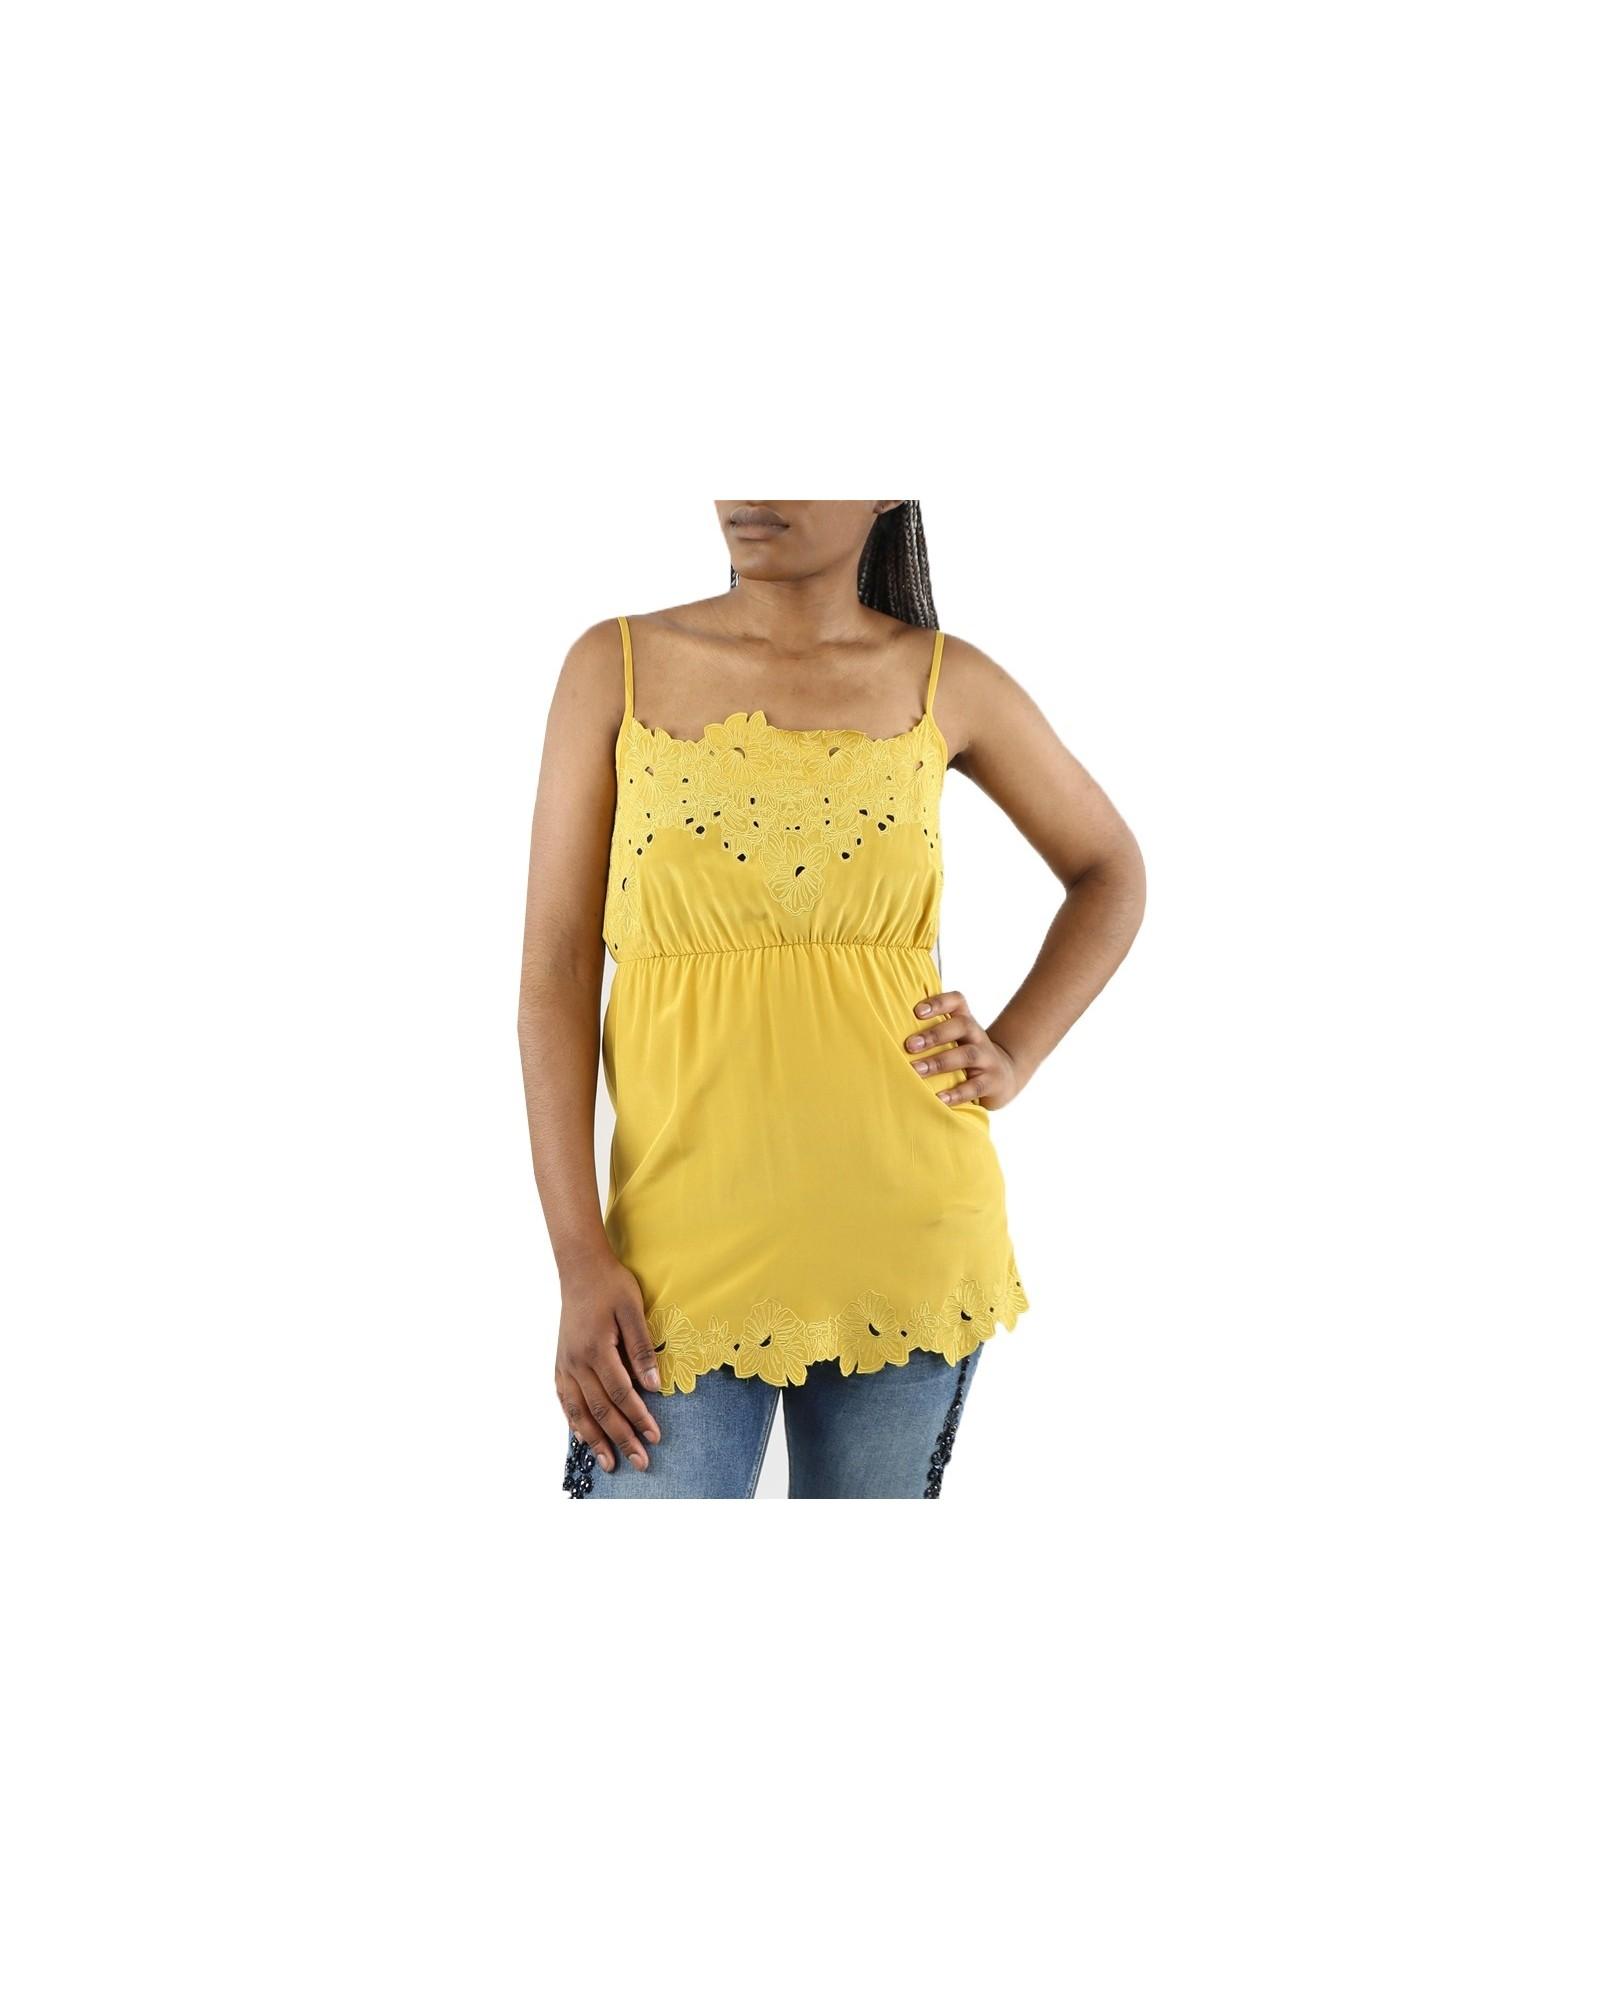 Tunique jaune en soie Gotha / A La Fois